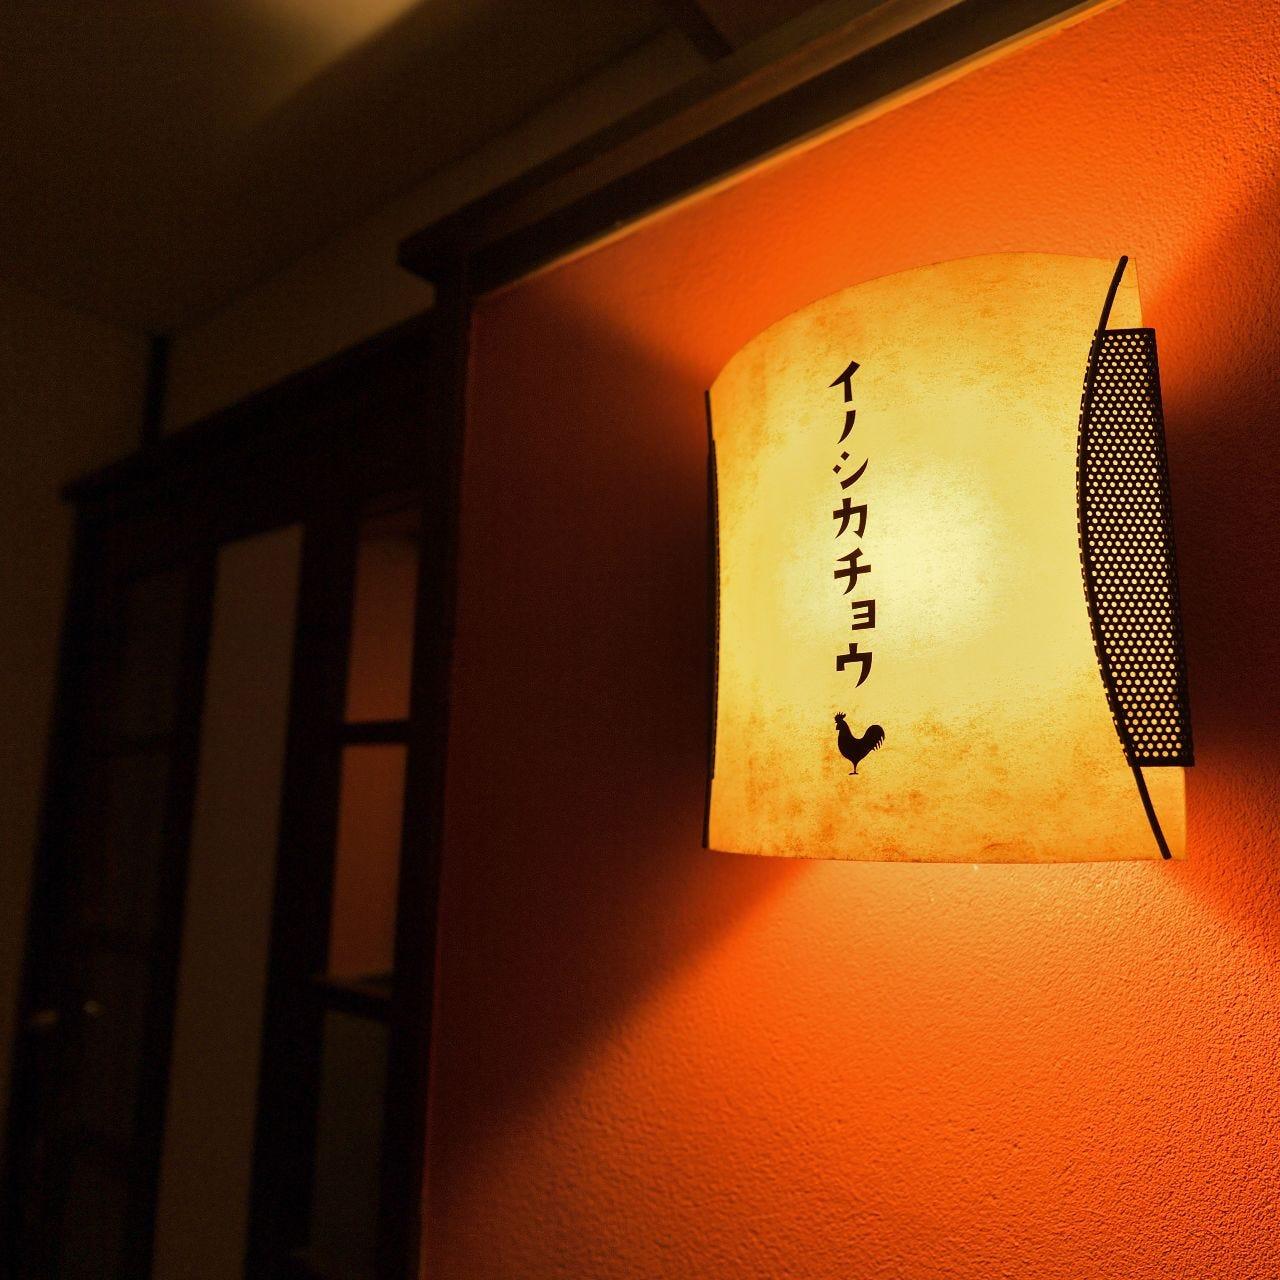 仙臺横丁酒場 イノシカチョウ